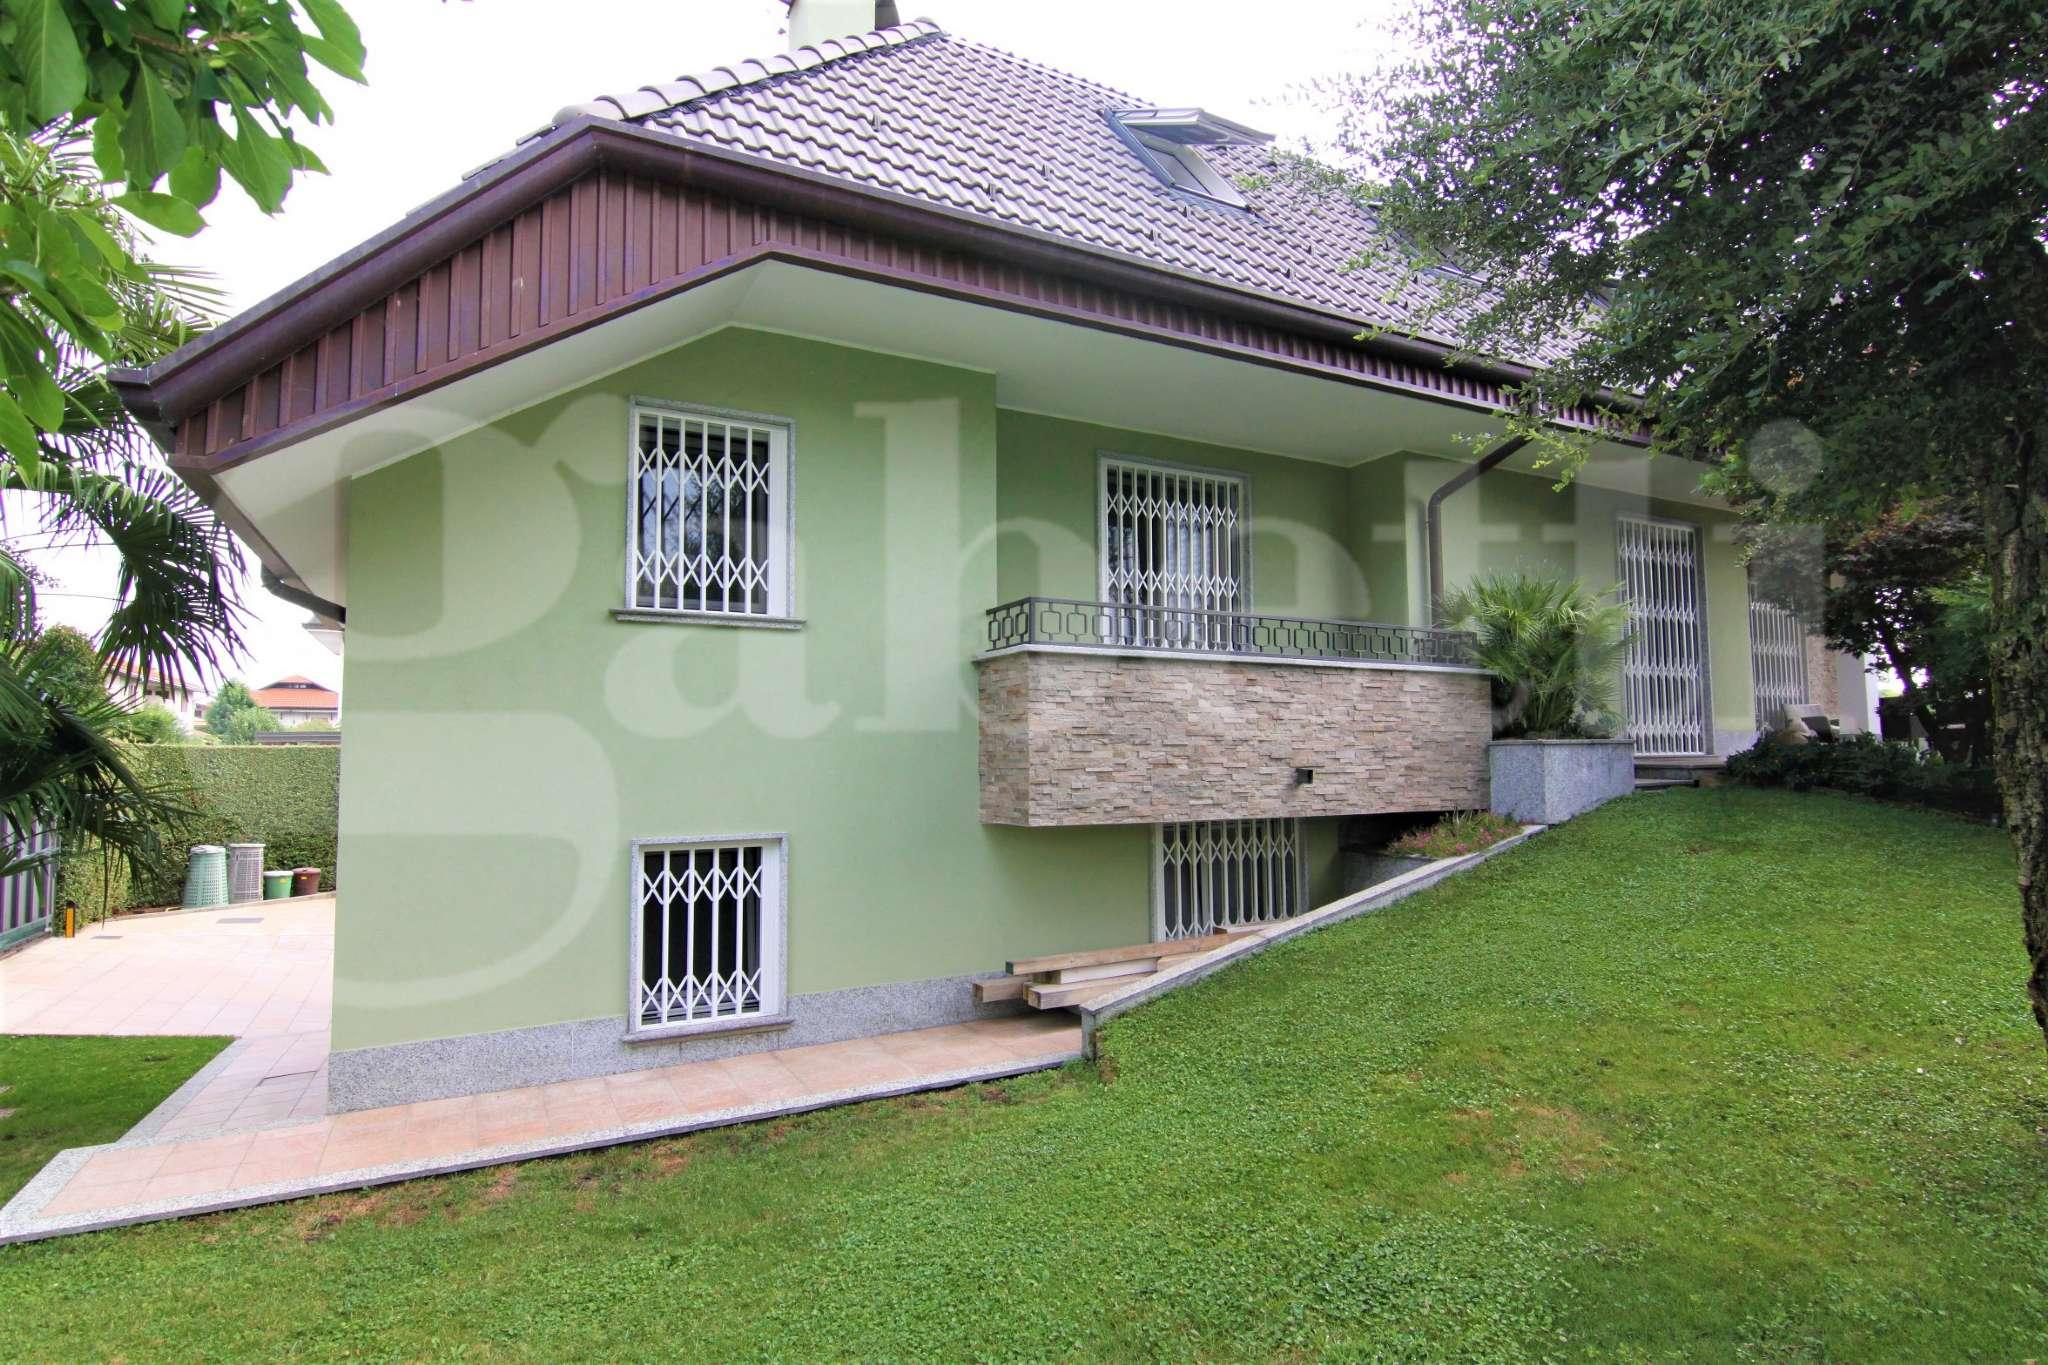 Villa in vendita a Magnago, 6 locali, prezzo € 635.000 | CambioCasa.it